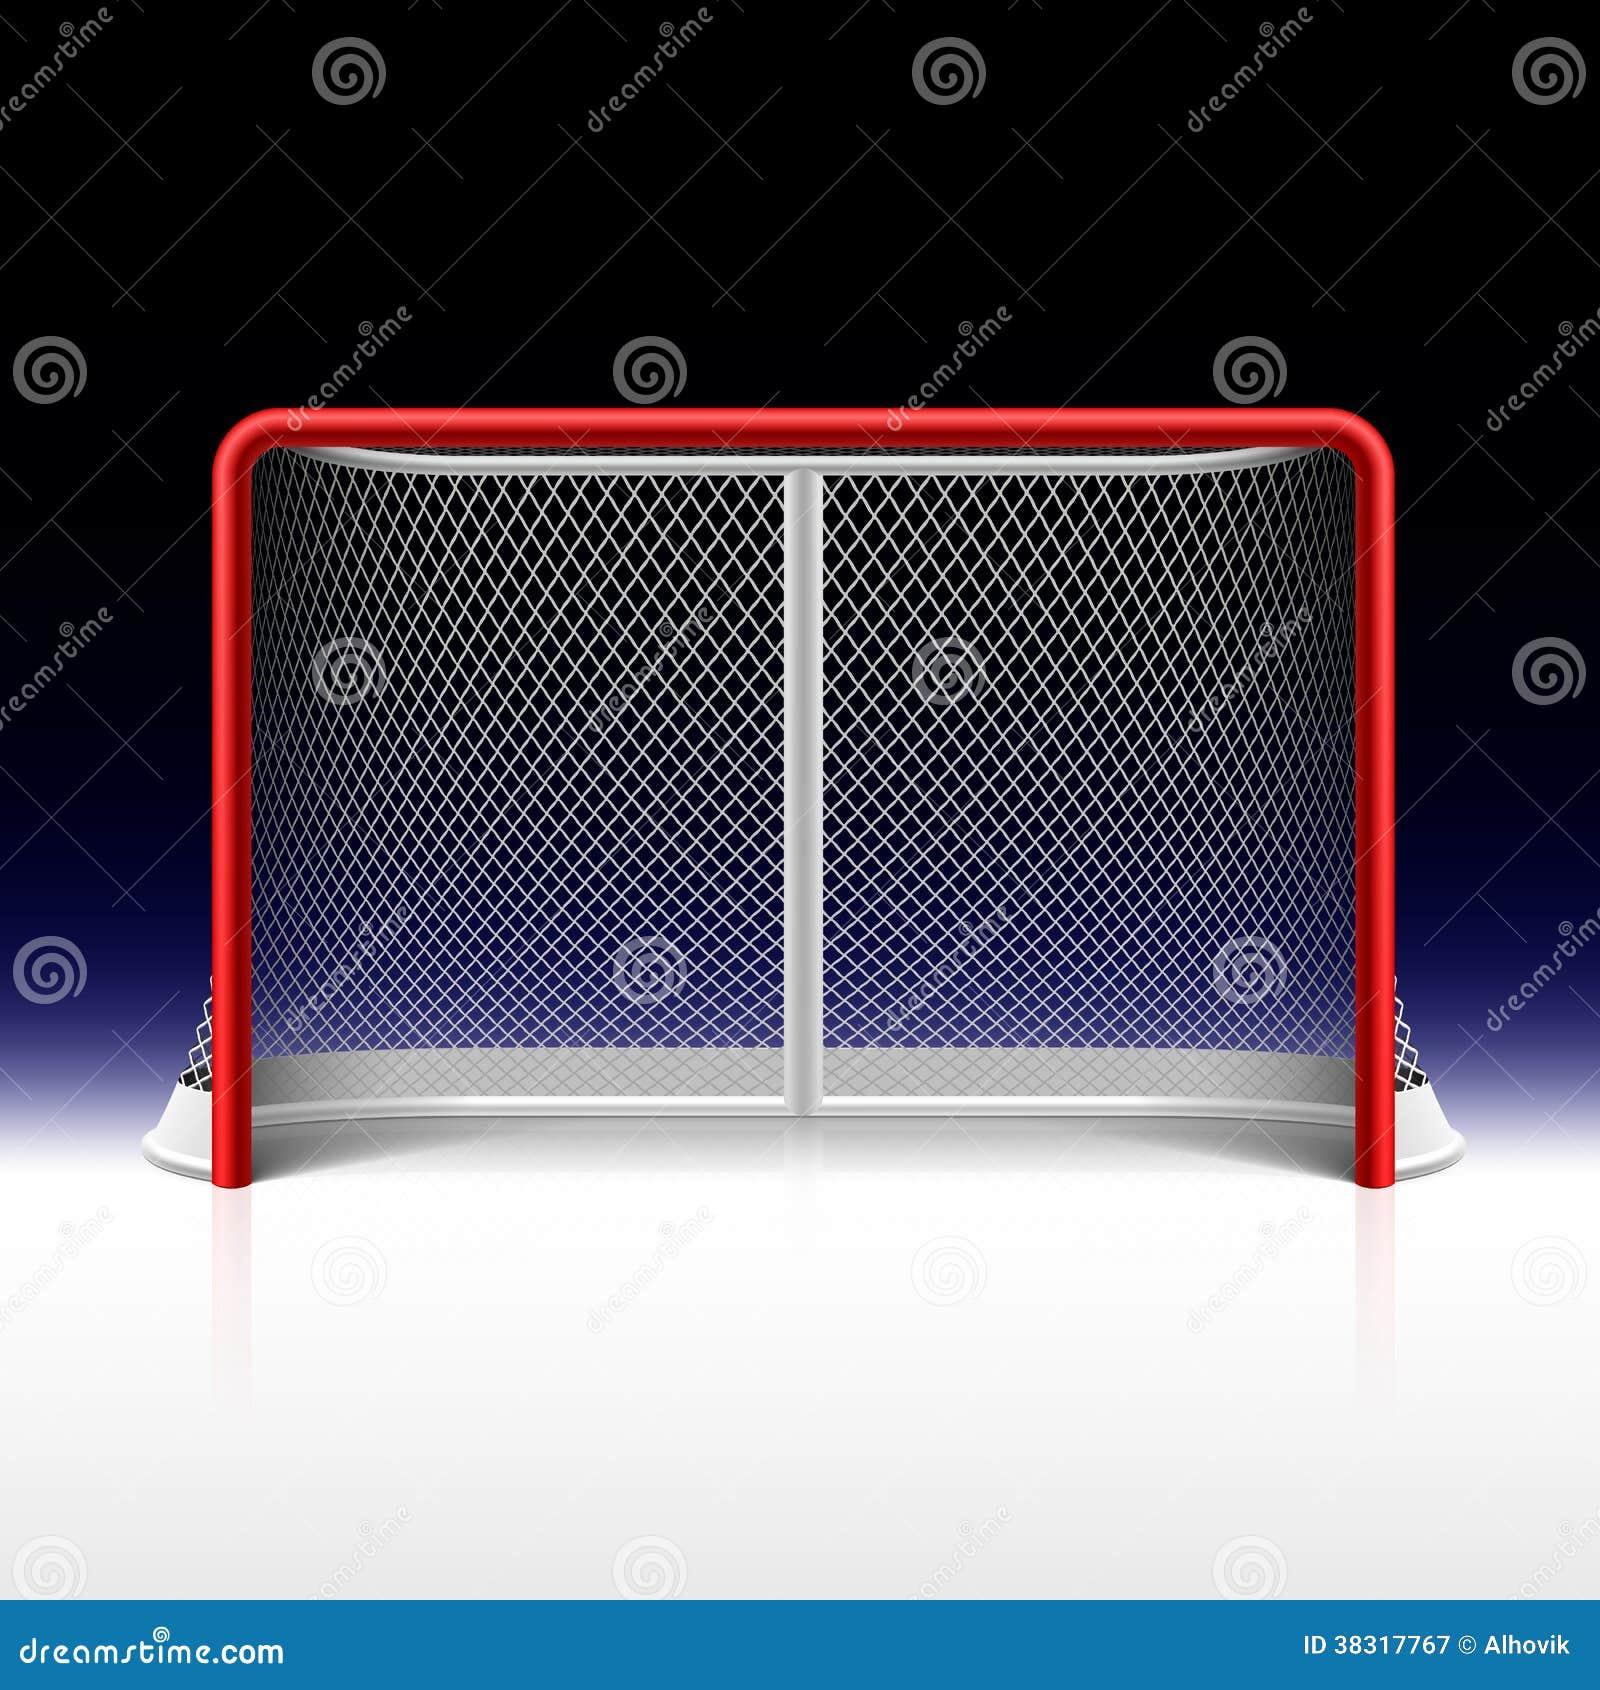 Eishockeynetz, Ziel auf Schwarzem